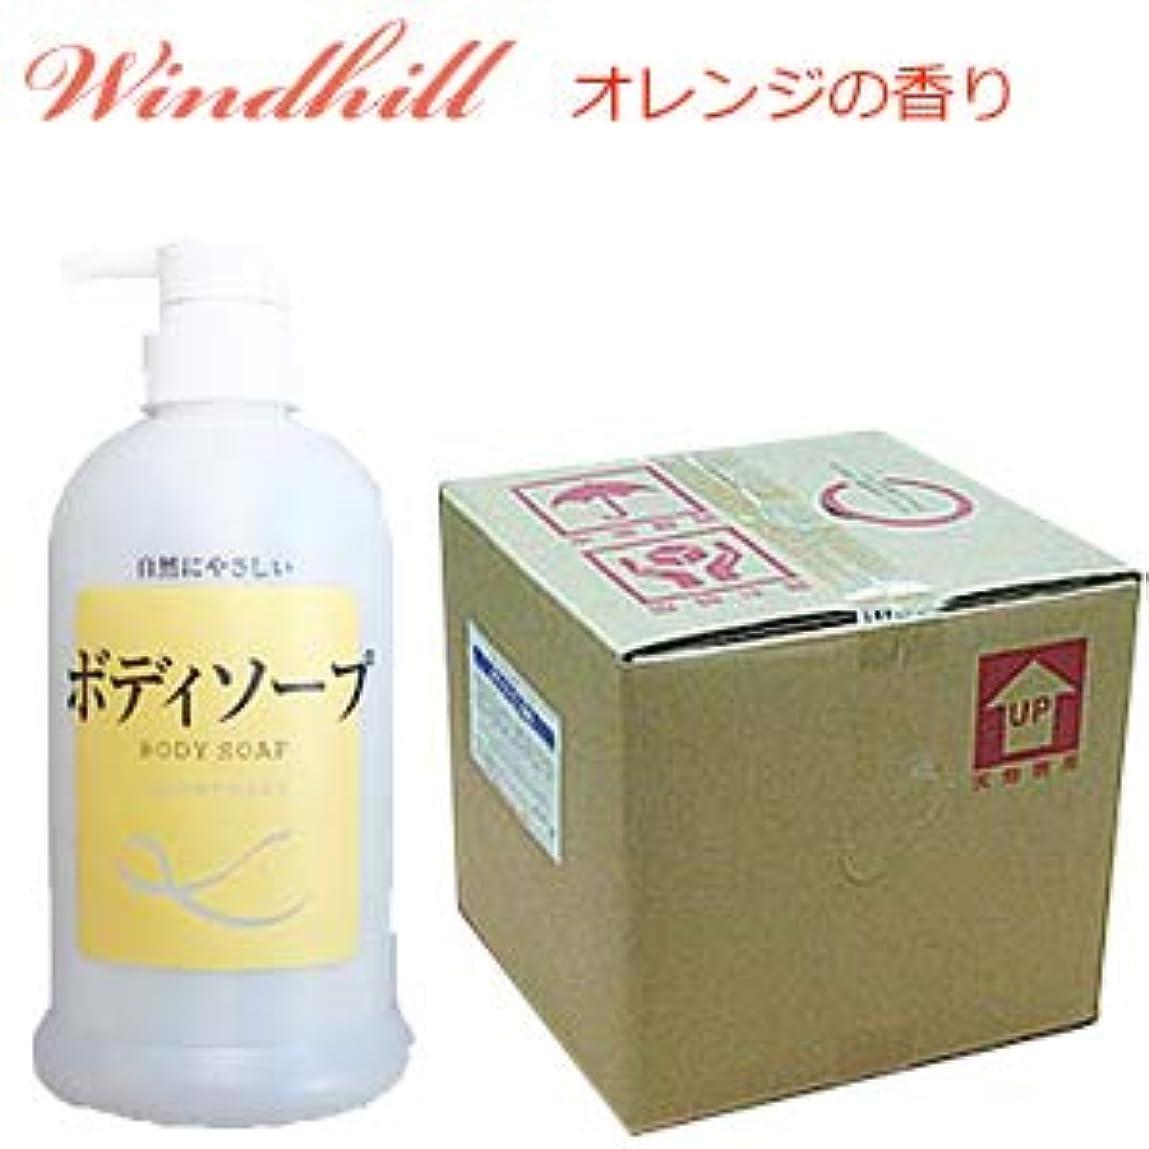 証明尾アーサーコナンドイルWindhill 植物性 業務用ボディソープオレンジの香り 20L(1セット20L入)